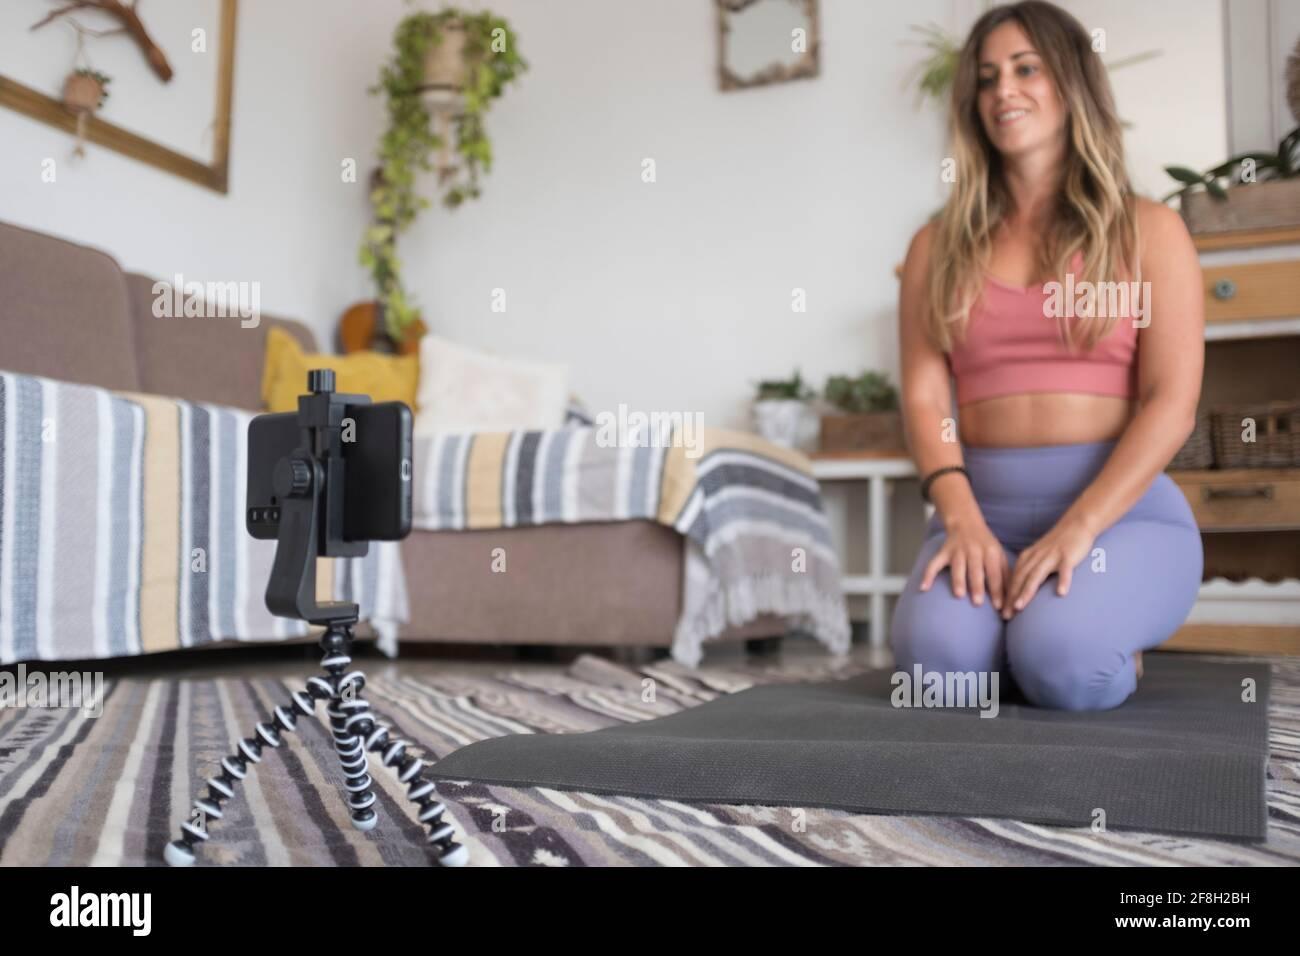 Joven entrenador personal trabajo en casa hacer clase en línea utilizando móvil teléfono y conexión a internet: creador activo de contenido de estilo de vida saludable influencer - mo Foto de stock